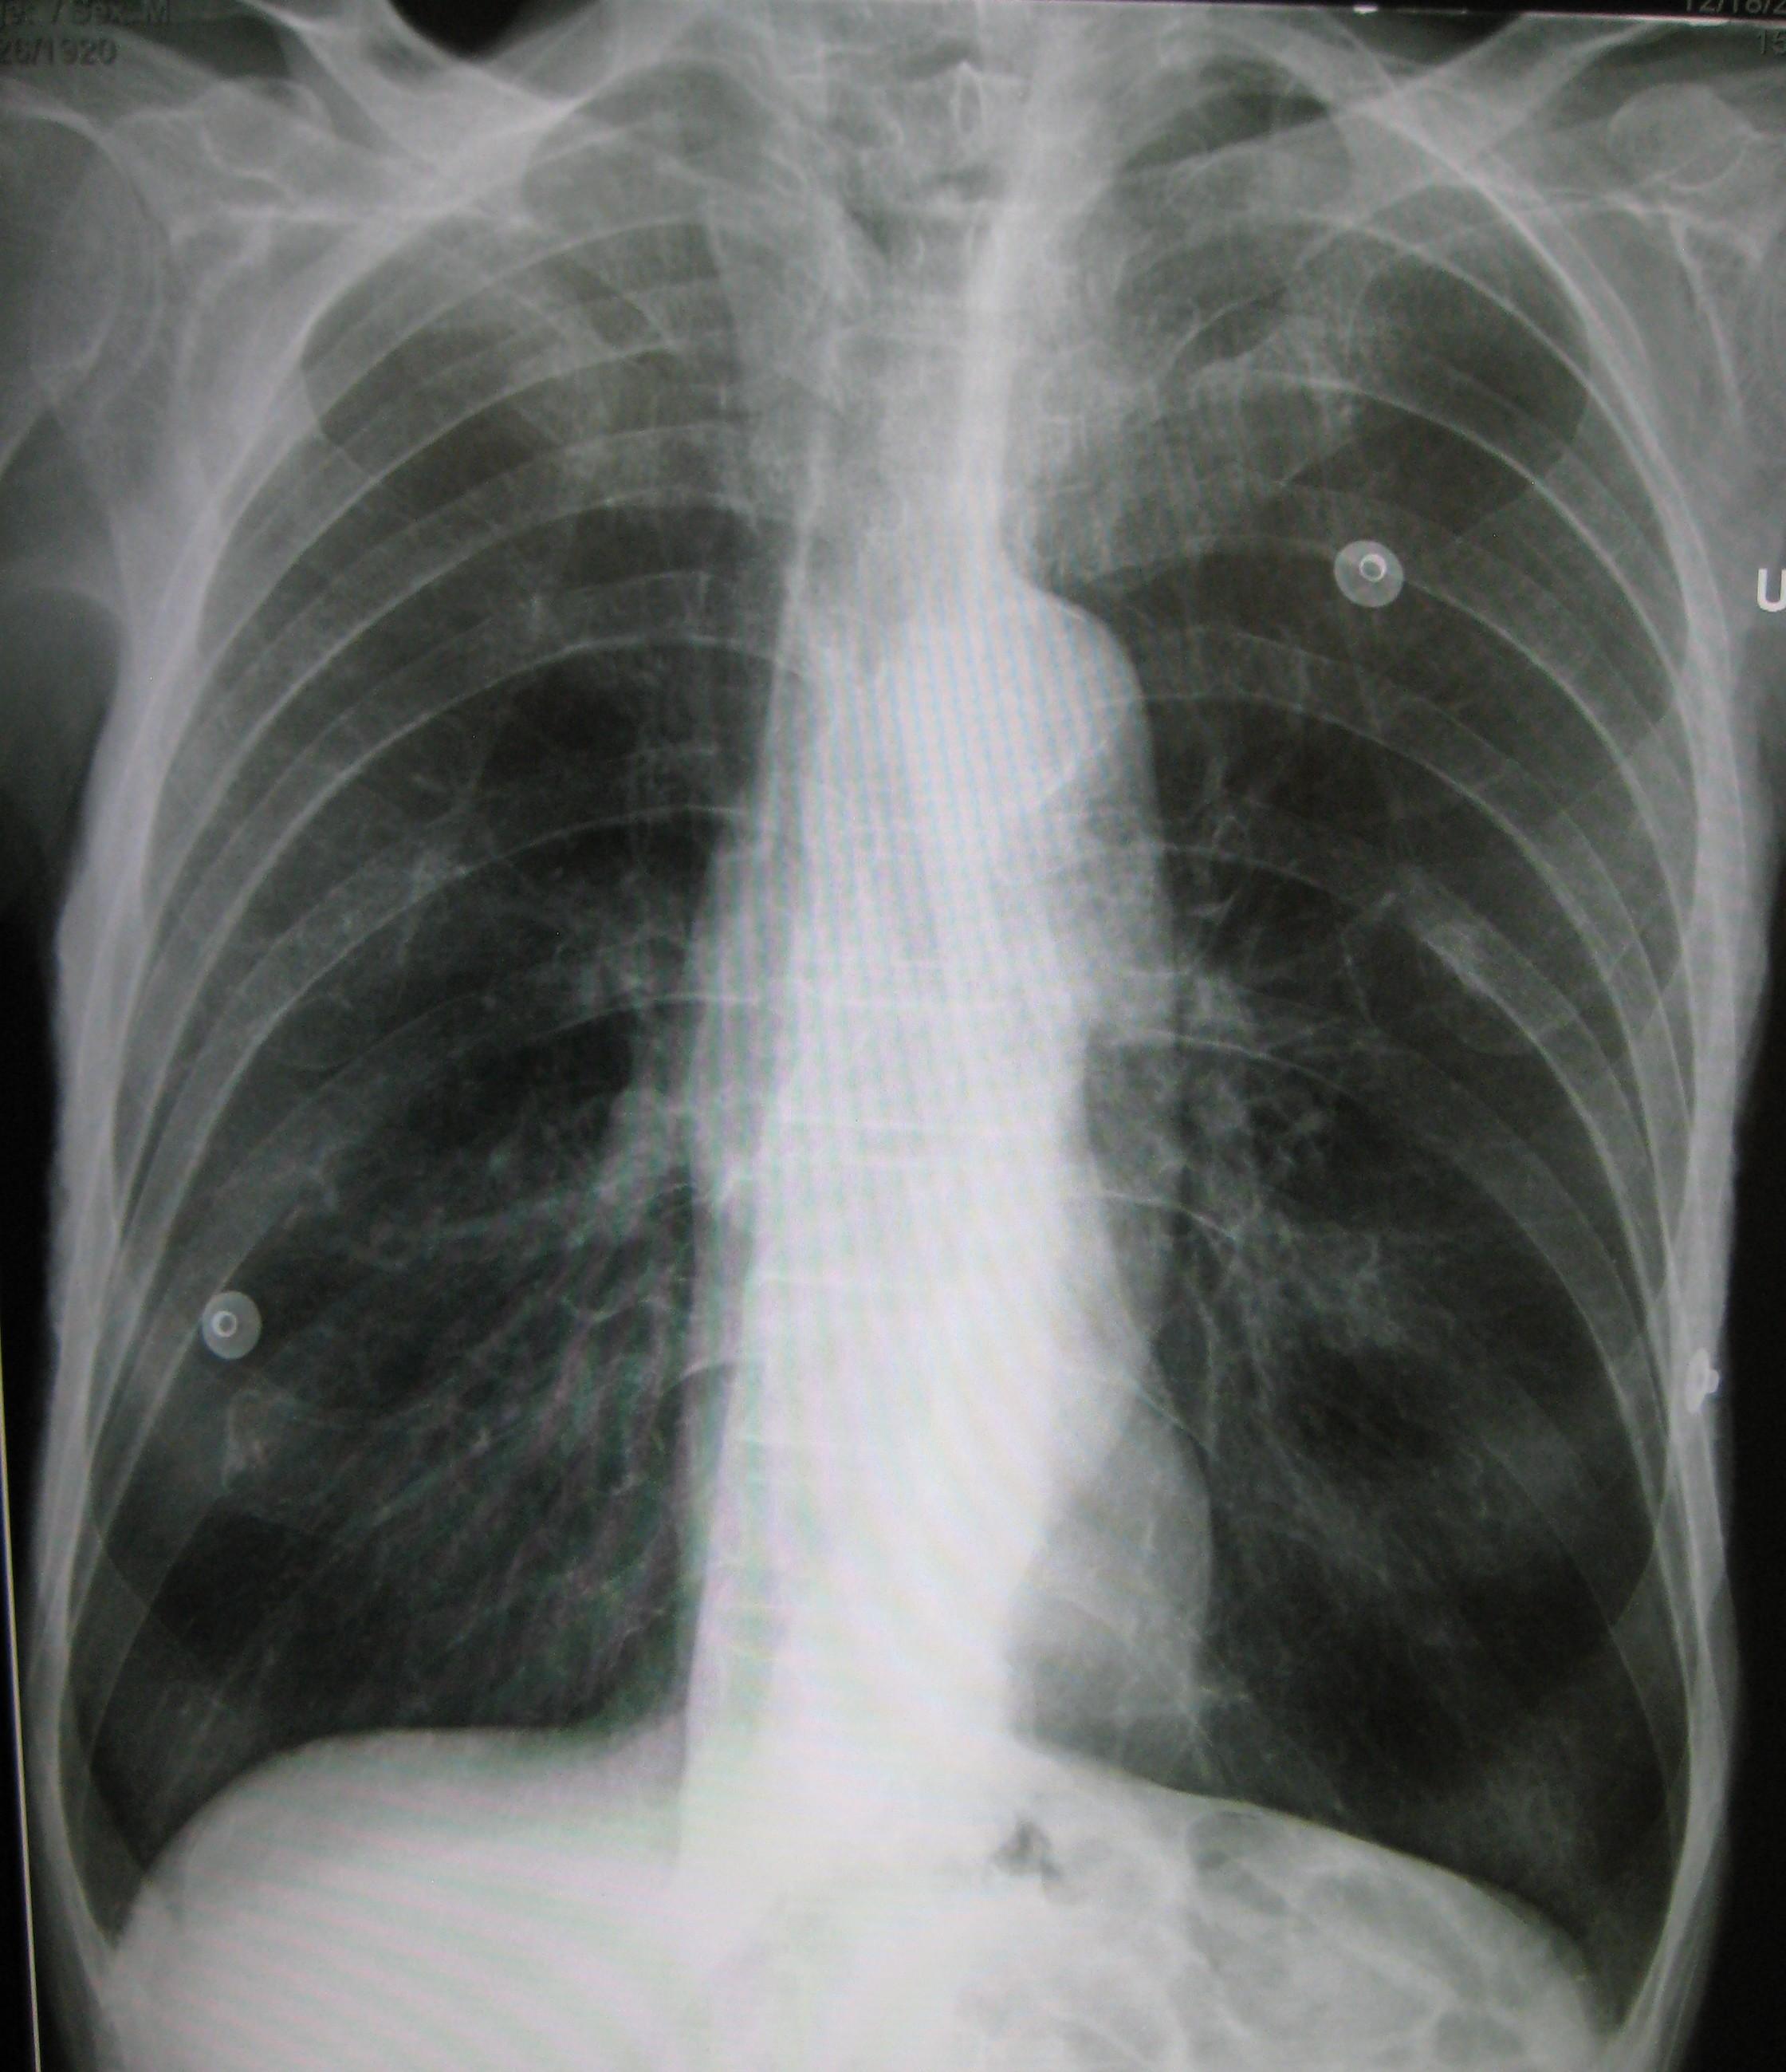 Akciğerlerin aşırı genişlemesi ve kalbin vertikale yönelmesi Kaynak : lifeinthefastlane.com - ECG library